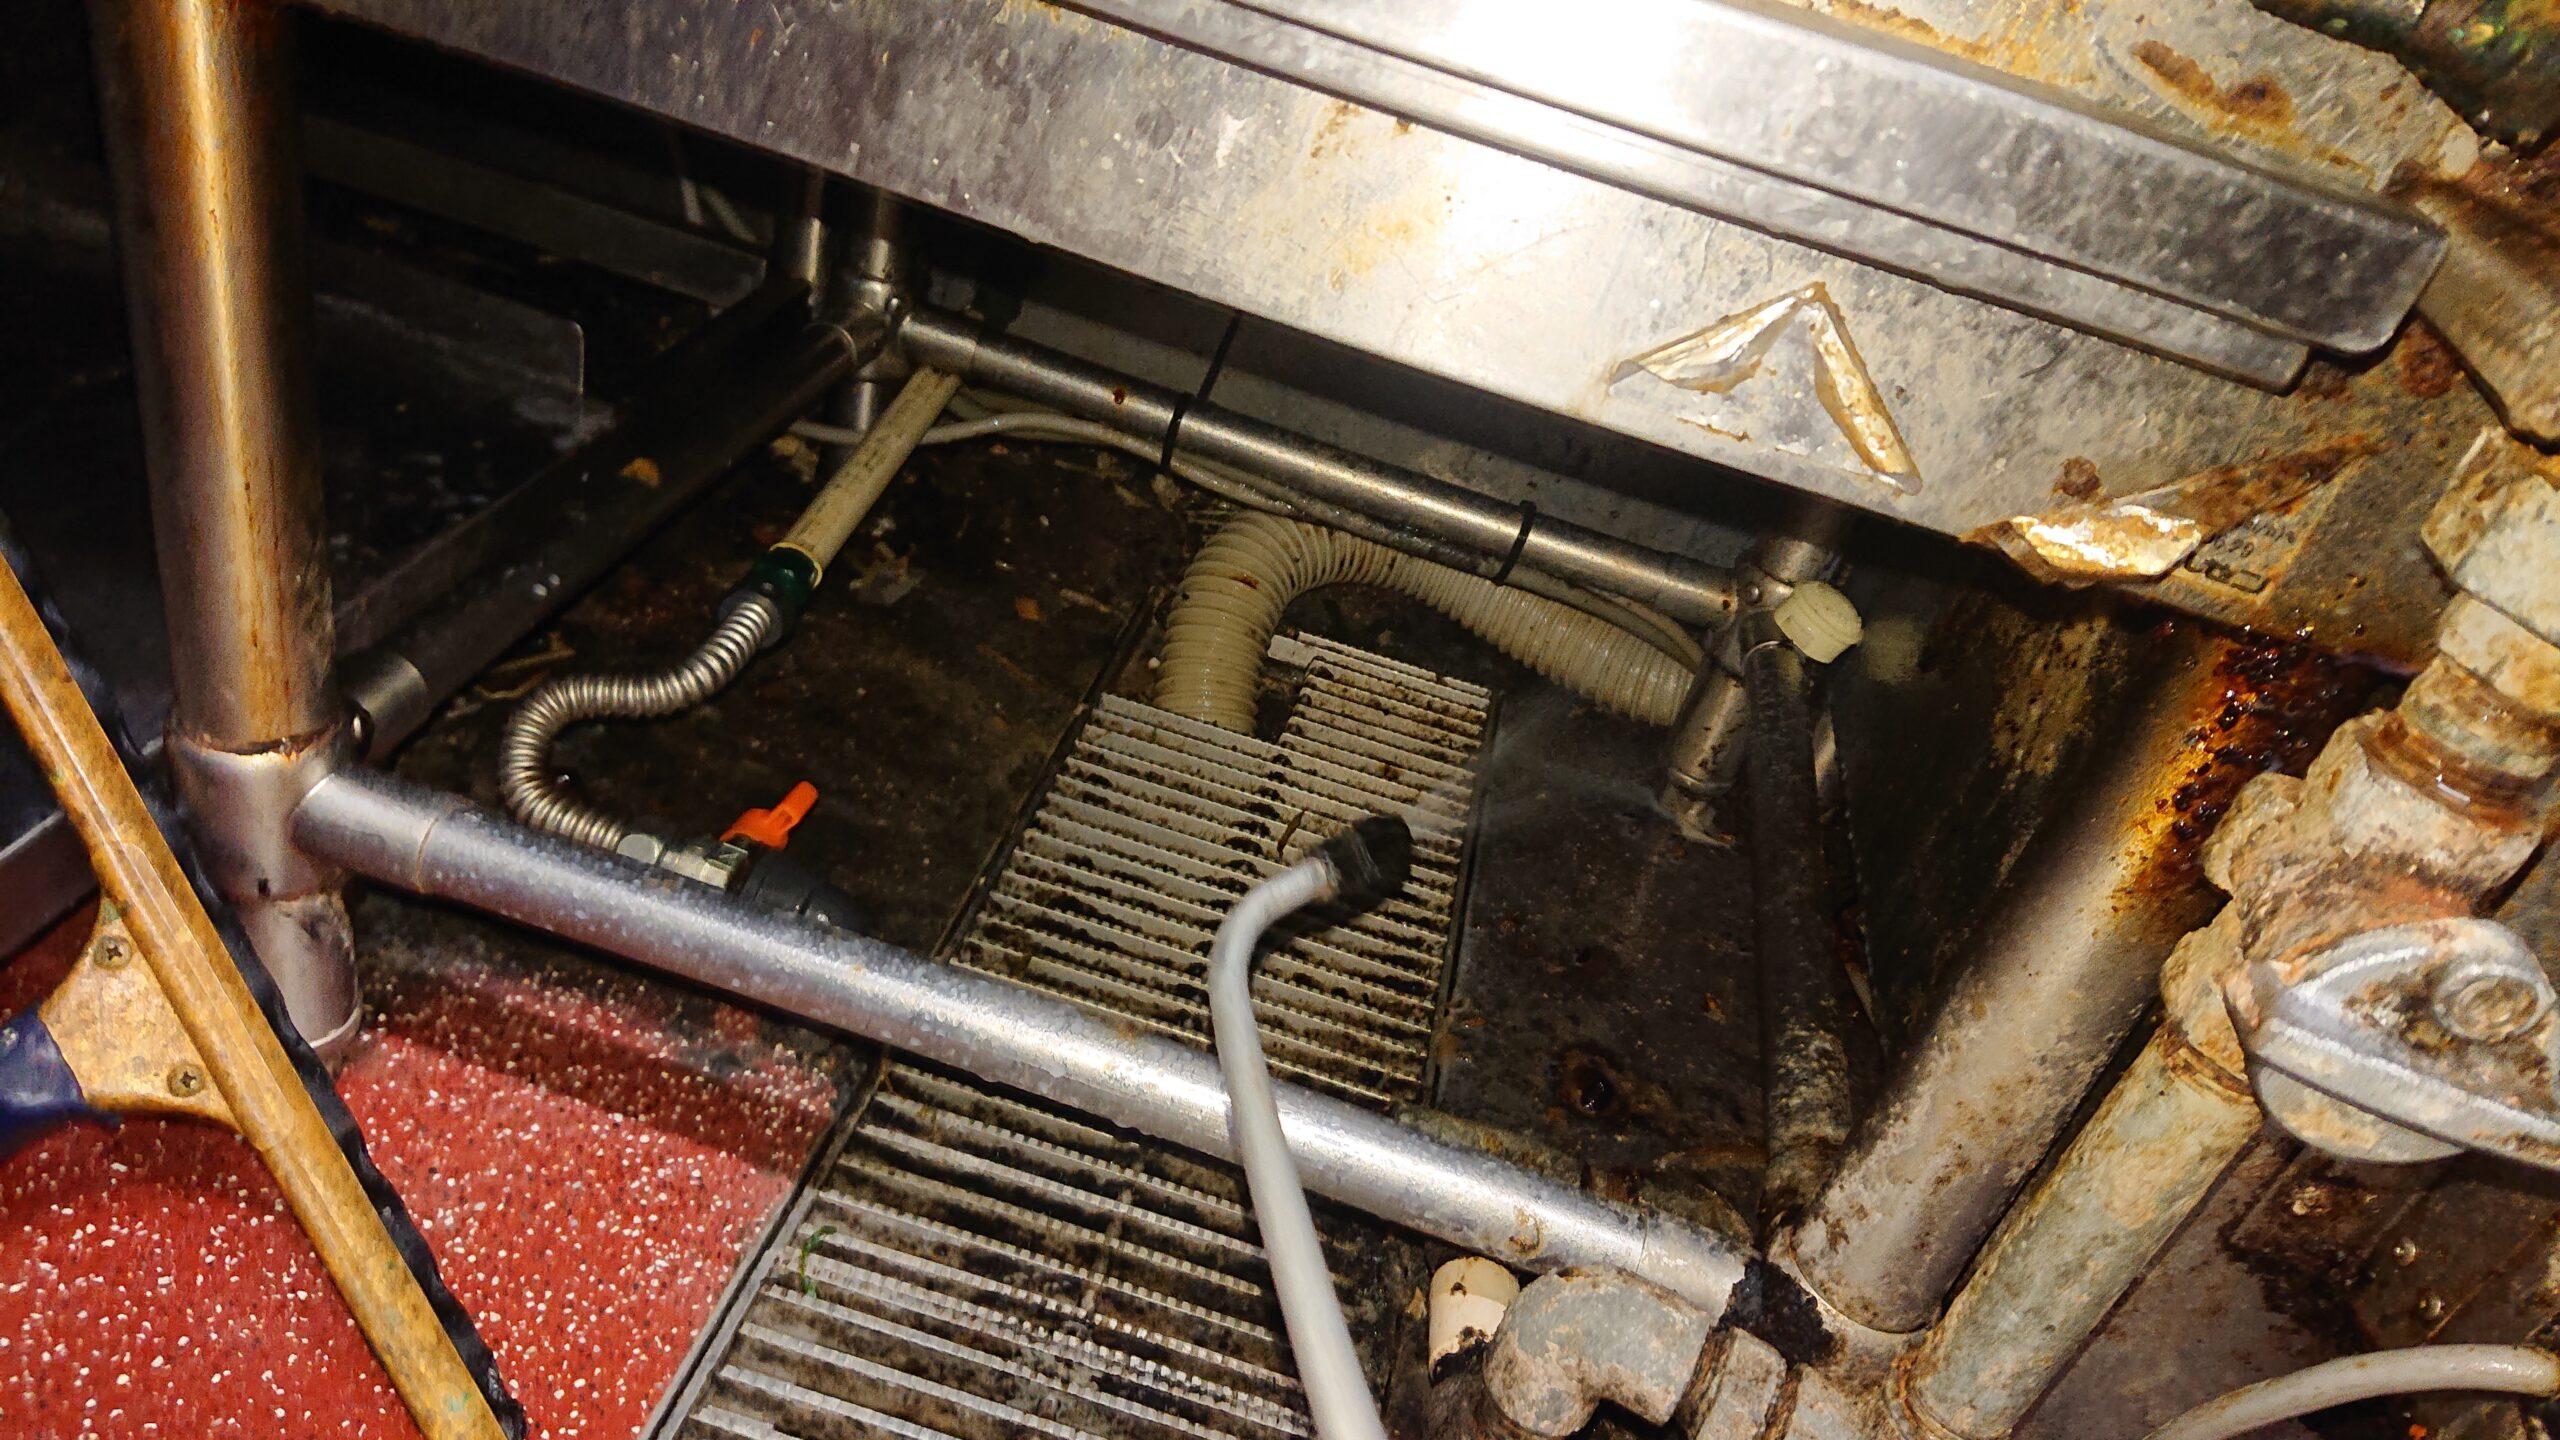 東京都荒川区の飲食店でのゴキブリ駆除:施工後